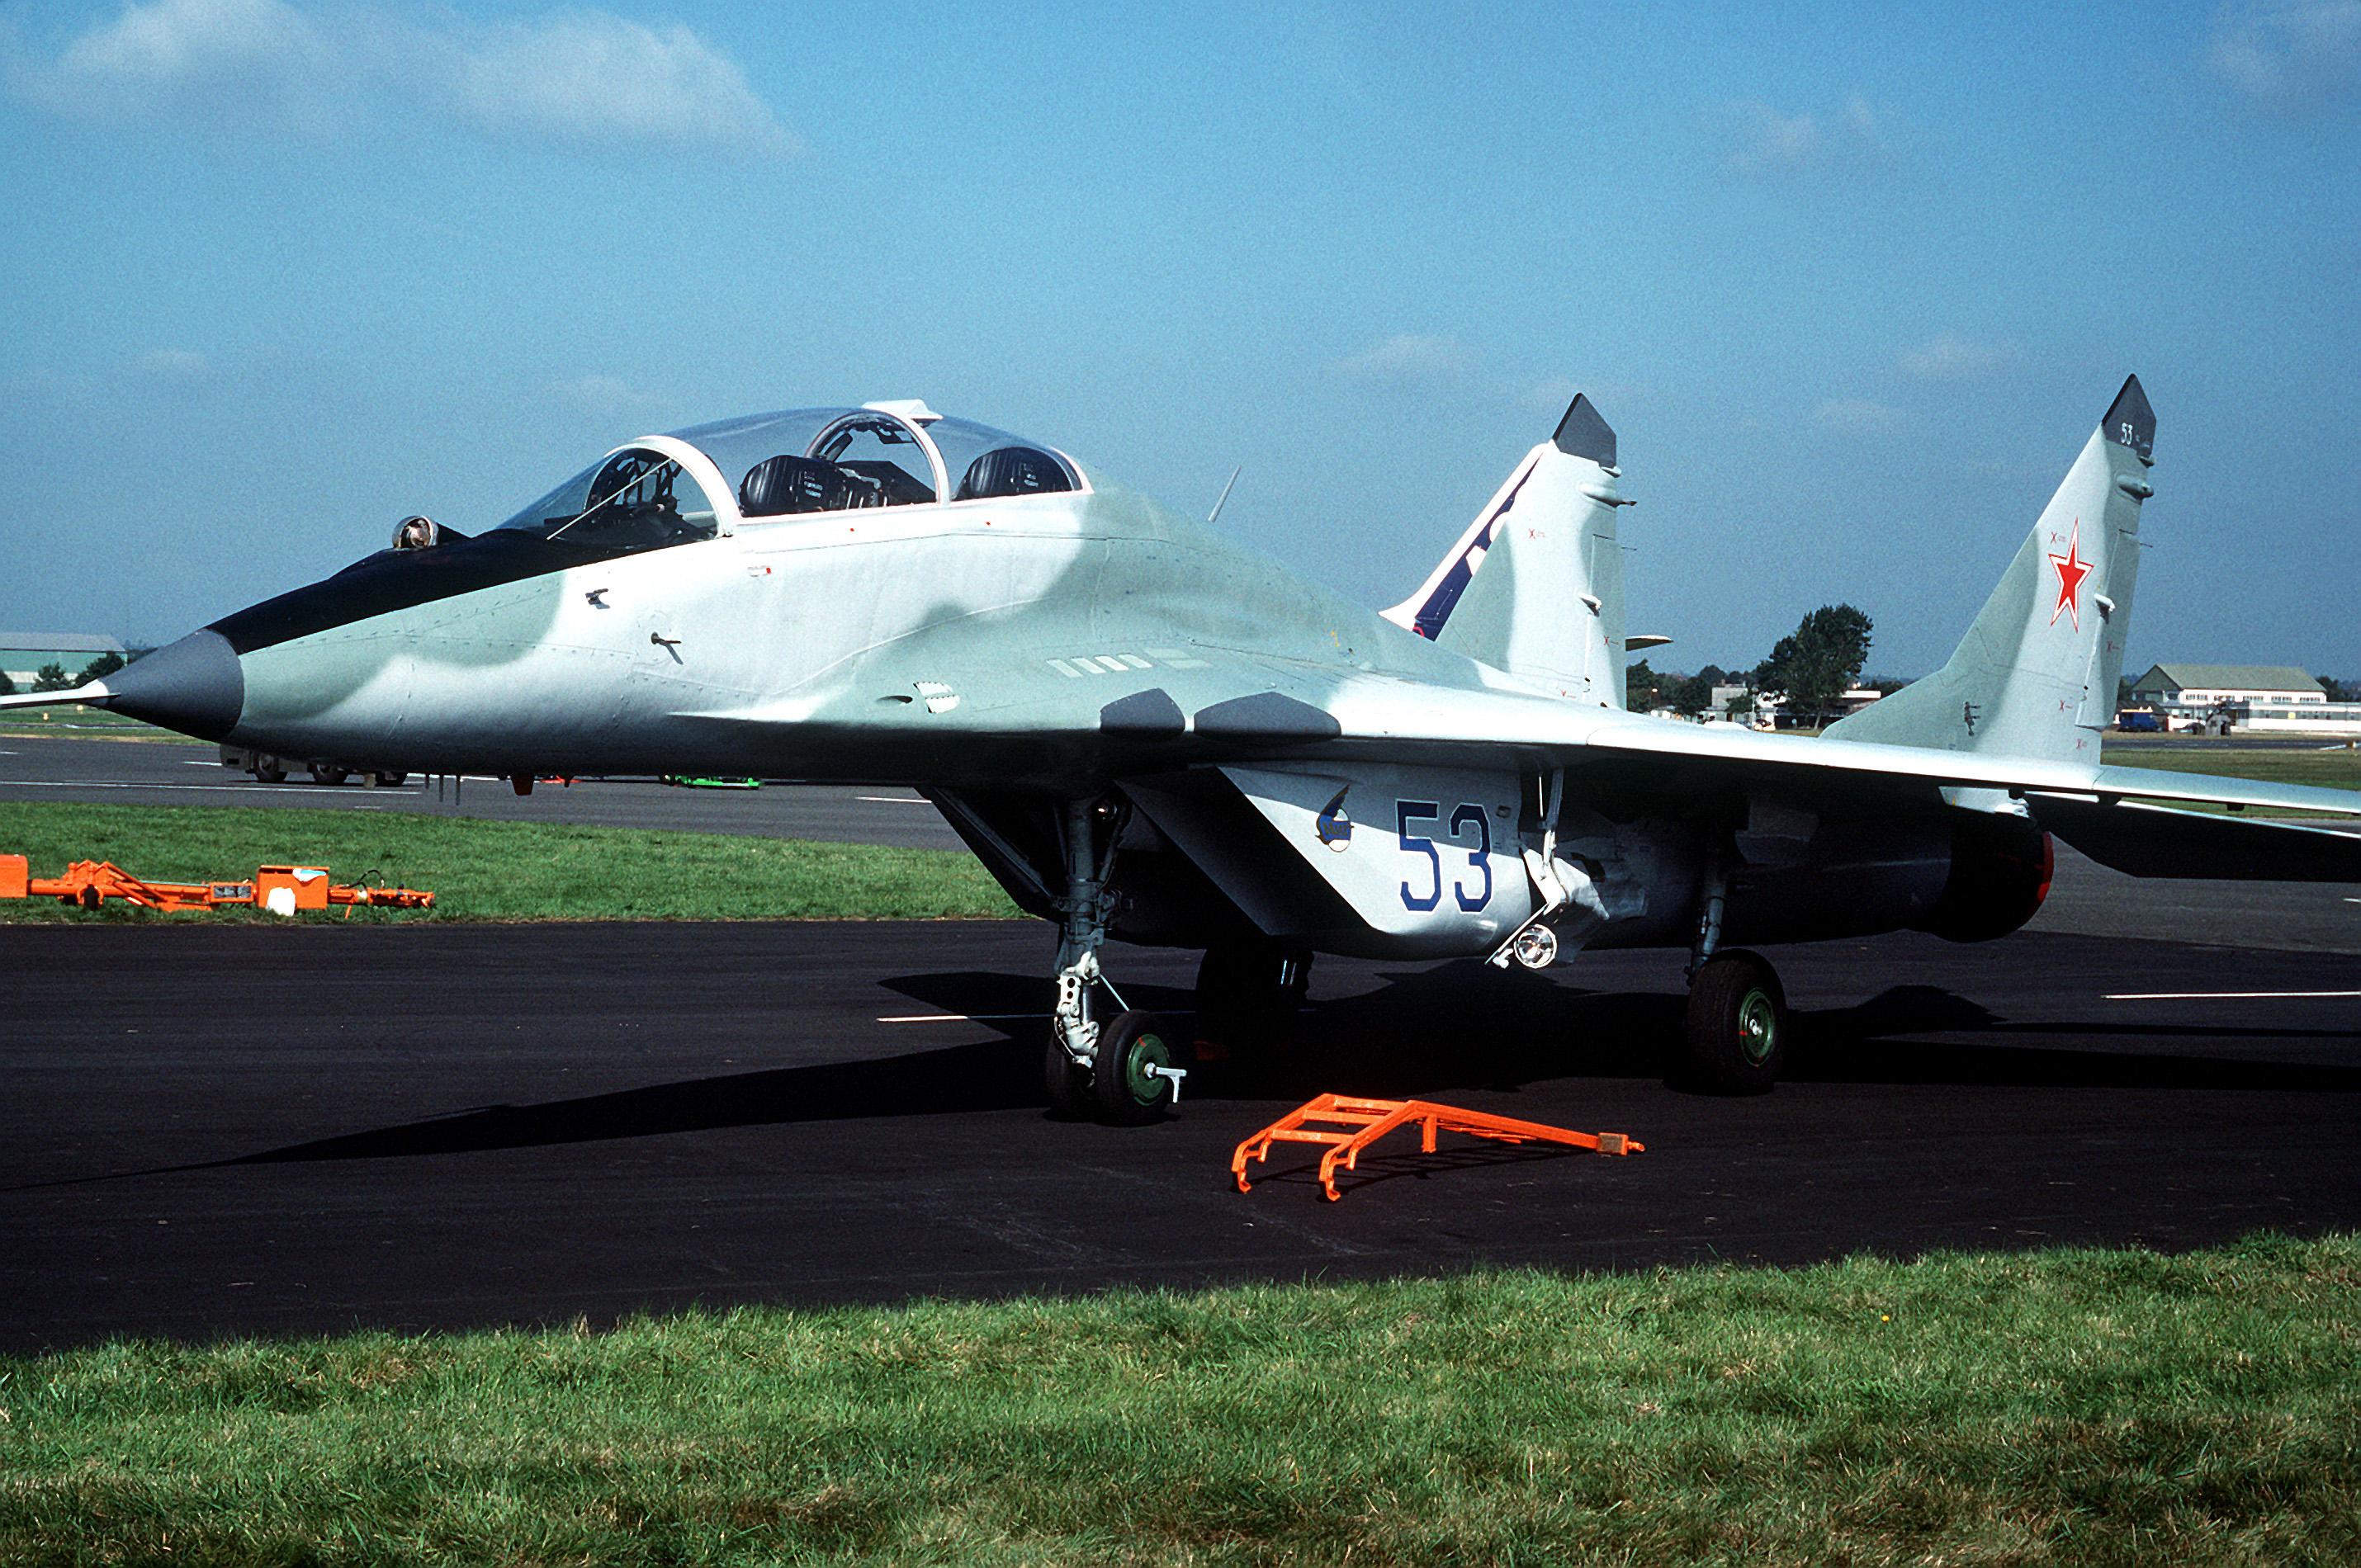 MiG 29 (航空機)の画像 p1_31